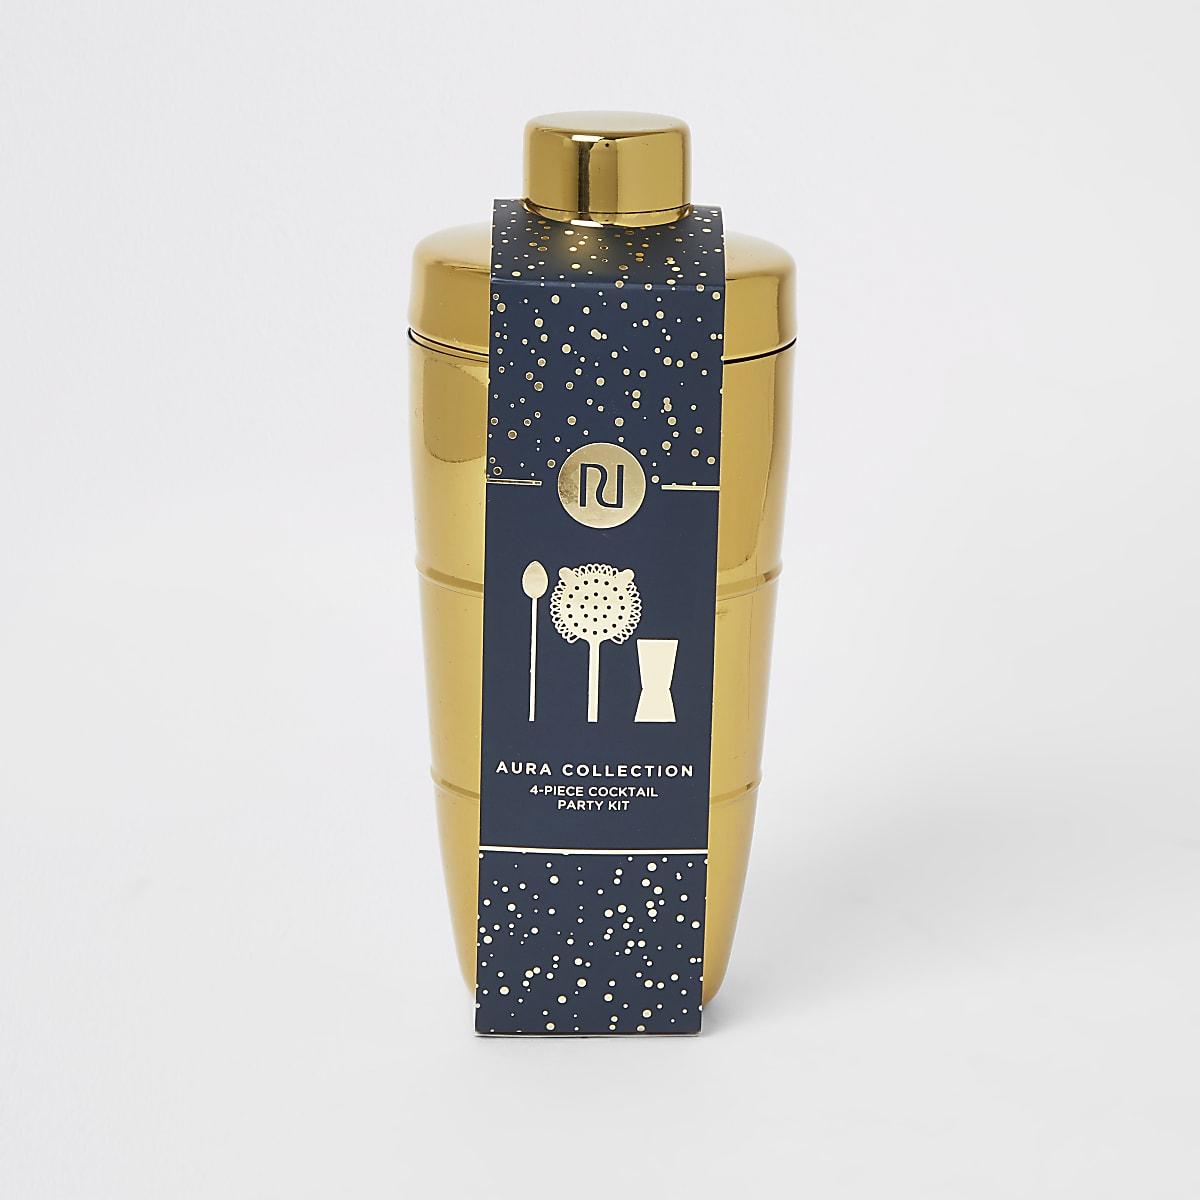 Gold tone RI cocktail shaker kit